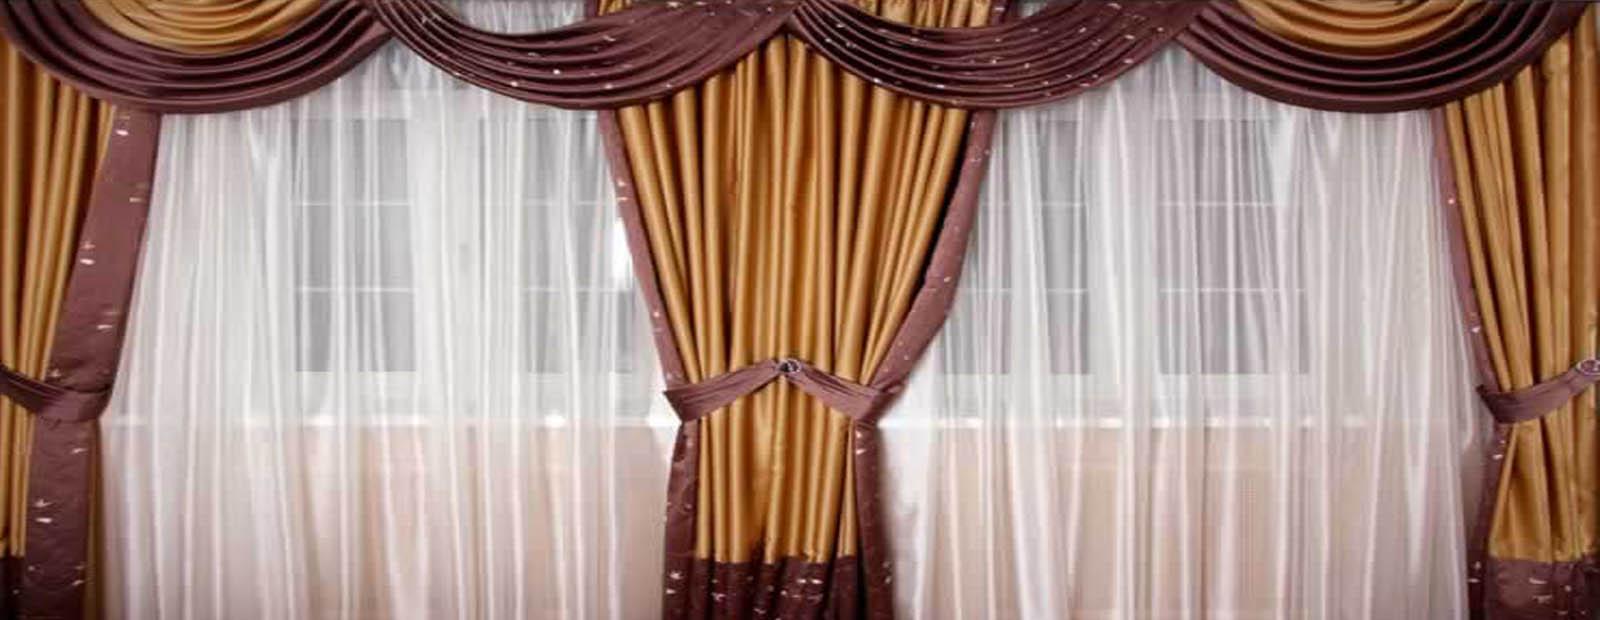 custom shades curtains and more albemarle county VA